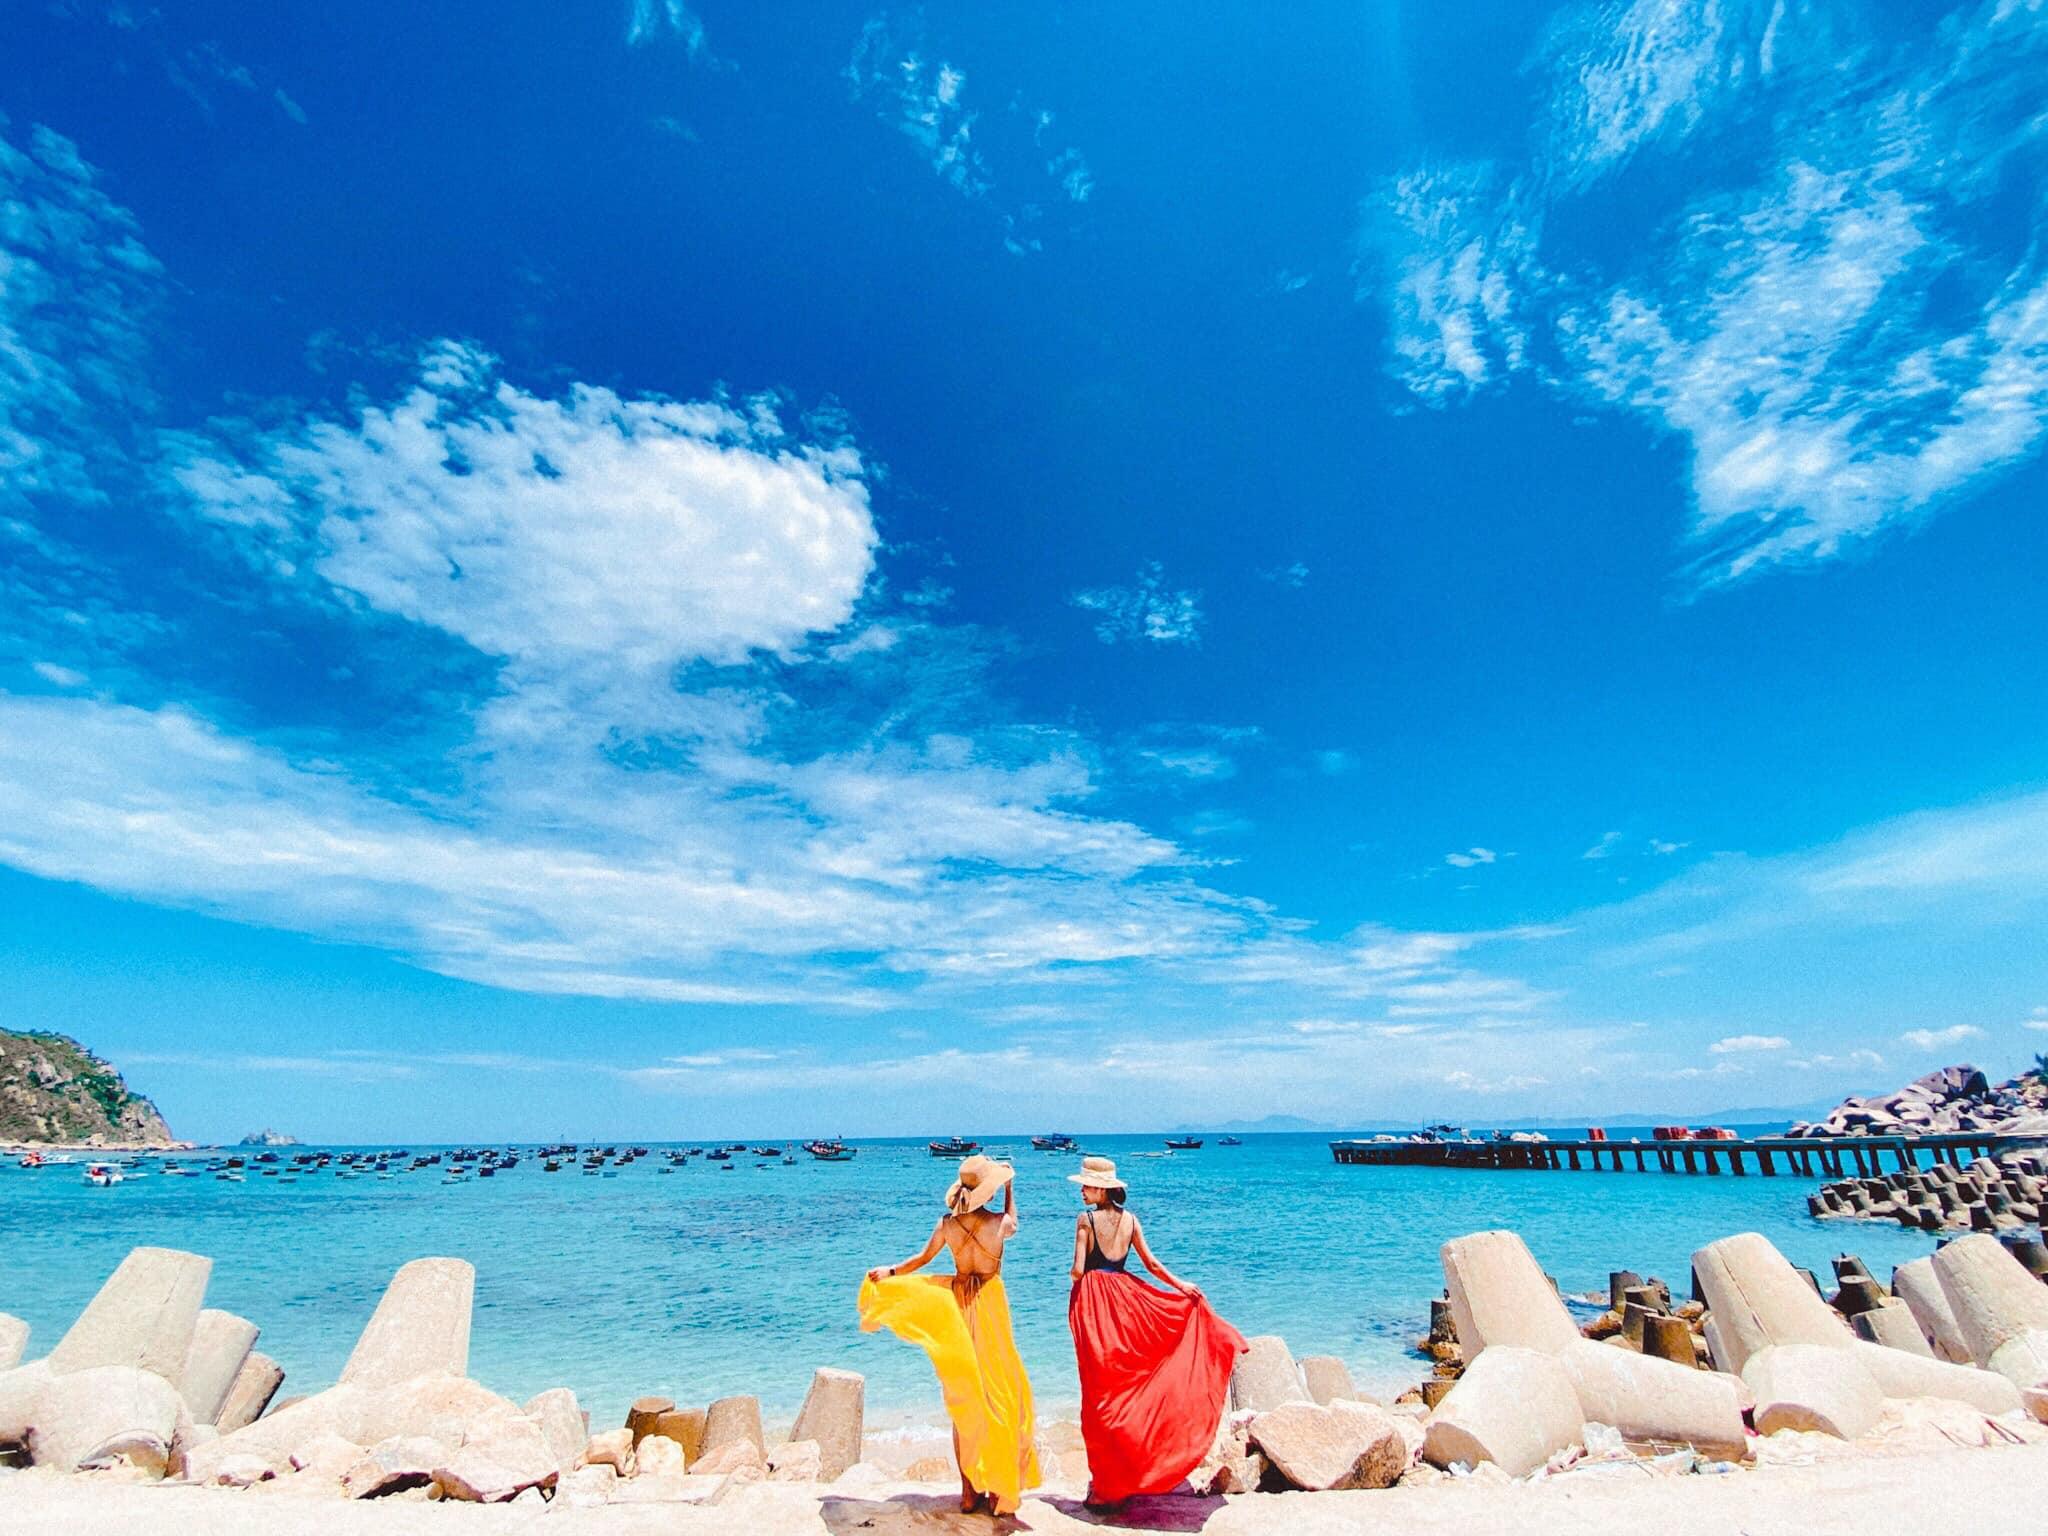 đảo cù lao xanh